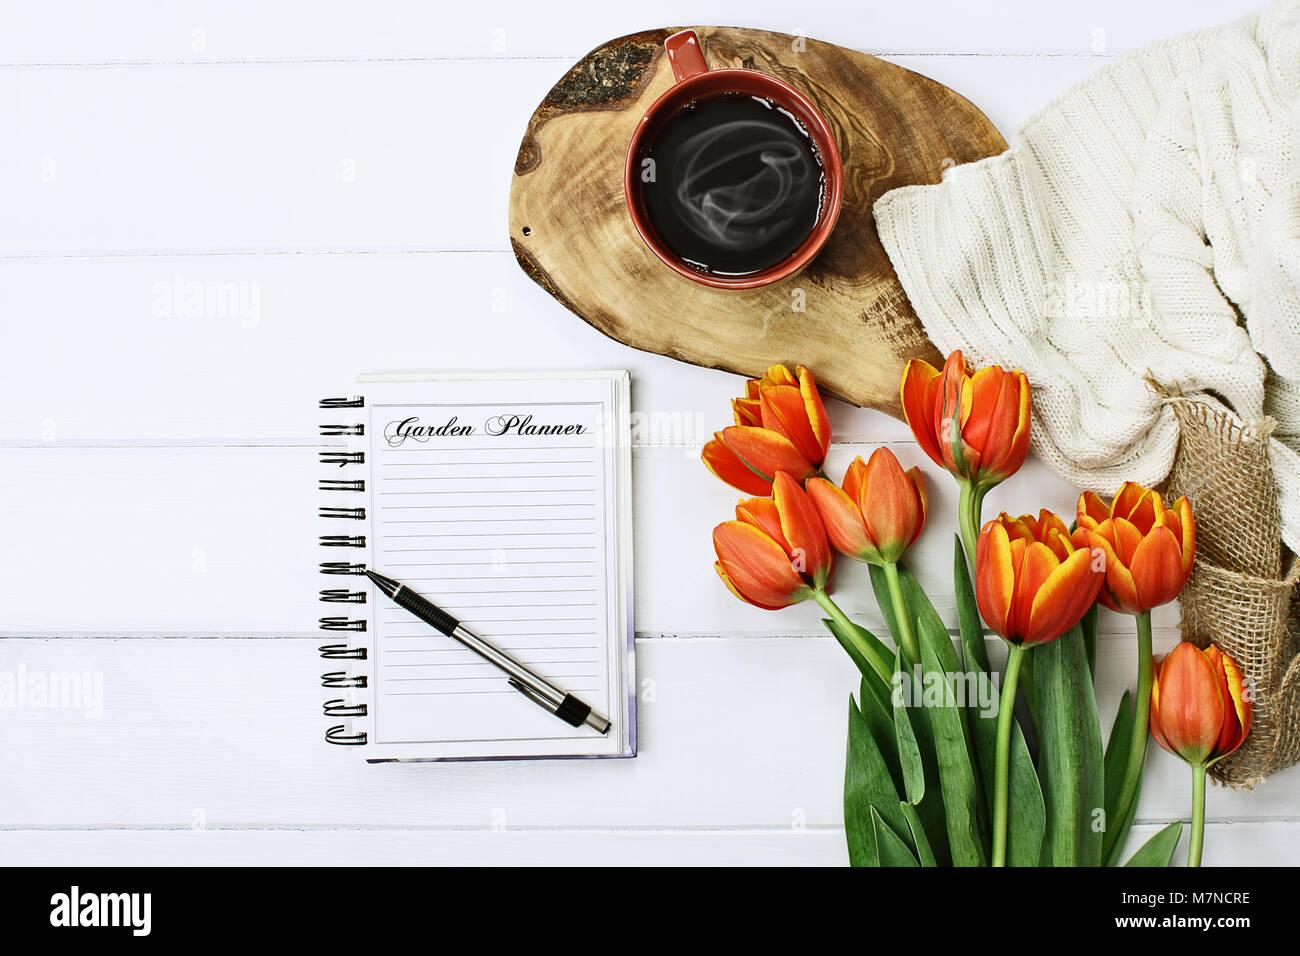 Passage tiré d'un journal de jardin portable avec stylo, de café et d'un bouquet de tulipes orange et jaune sur Banque D'Images